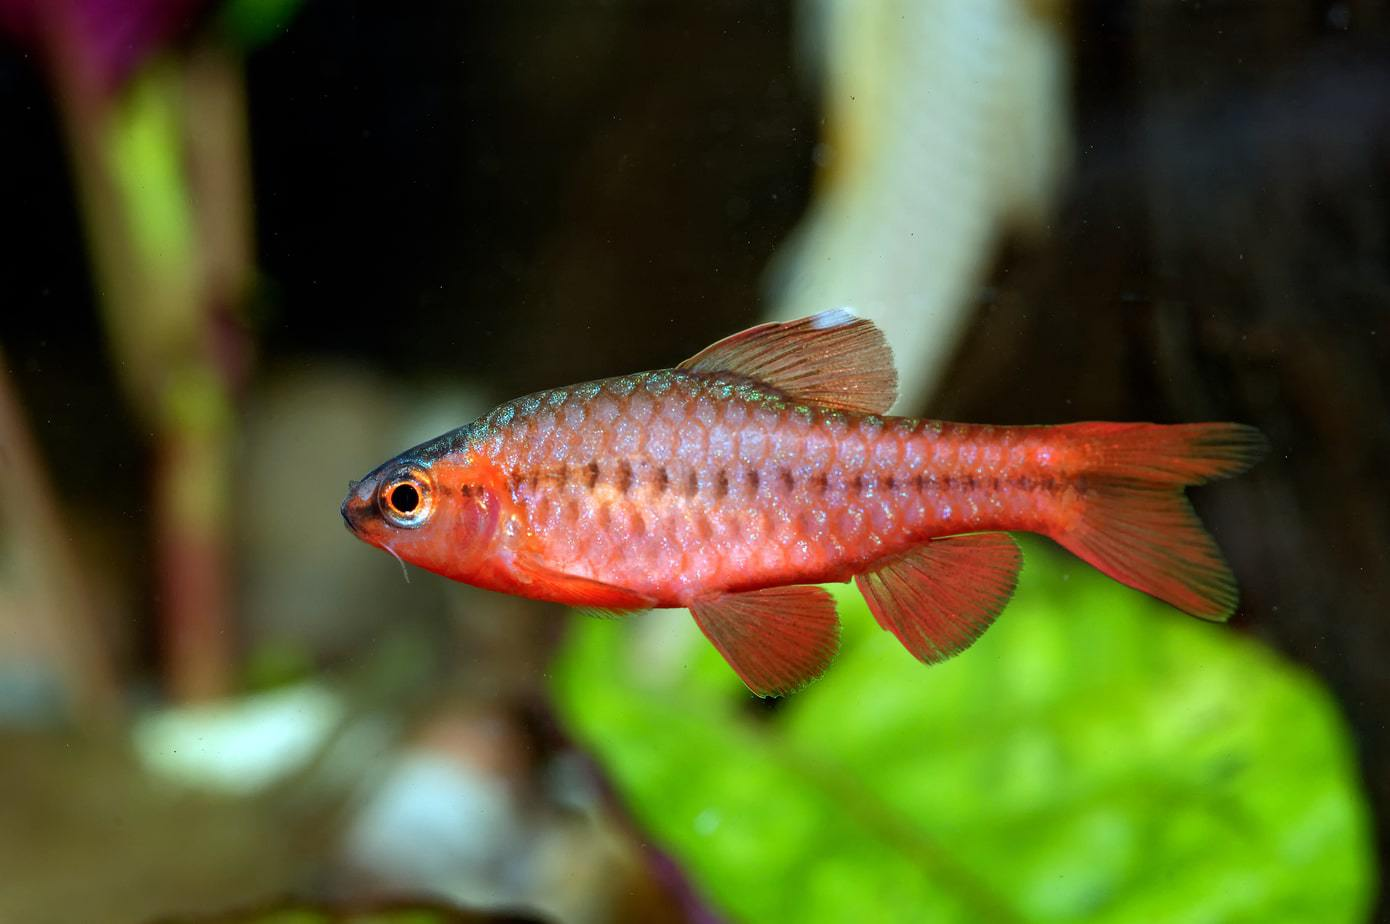 Cherry barb swimming in planted aquarium